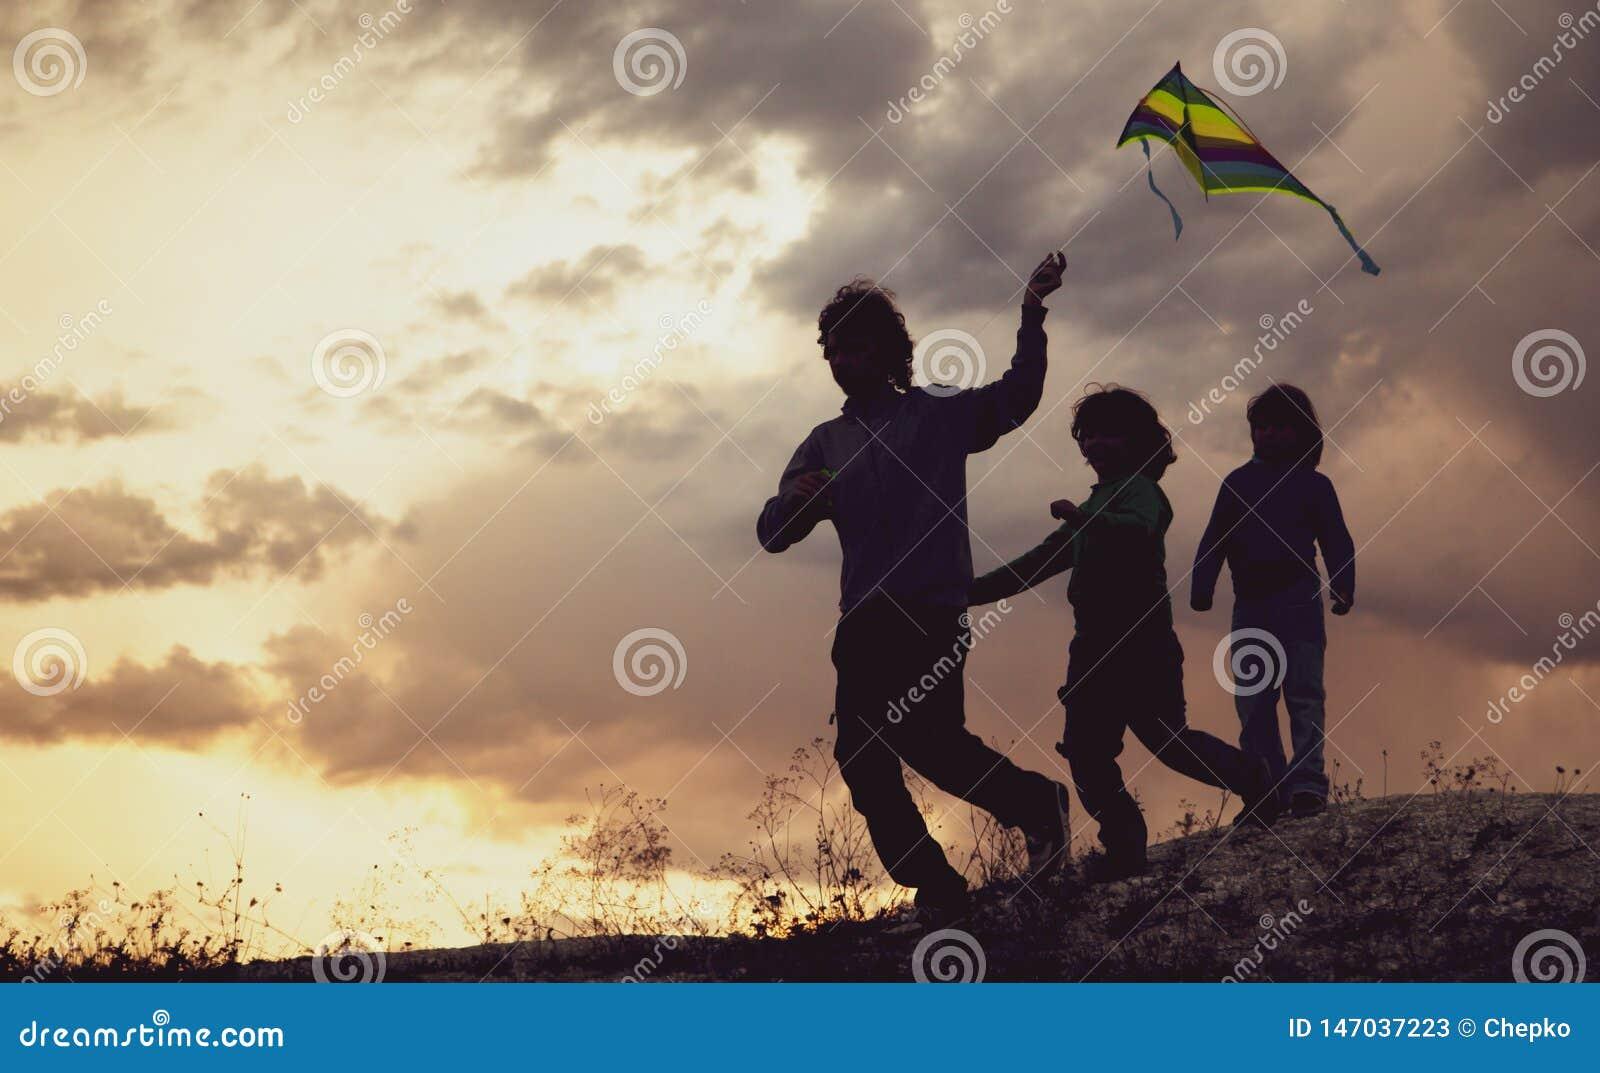 Παιδιά που παίζουν με τον ικτίνο στο λιβάδι θερινού ηλιοβασιλέματος που σκιαγραφείται